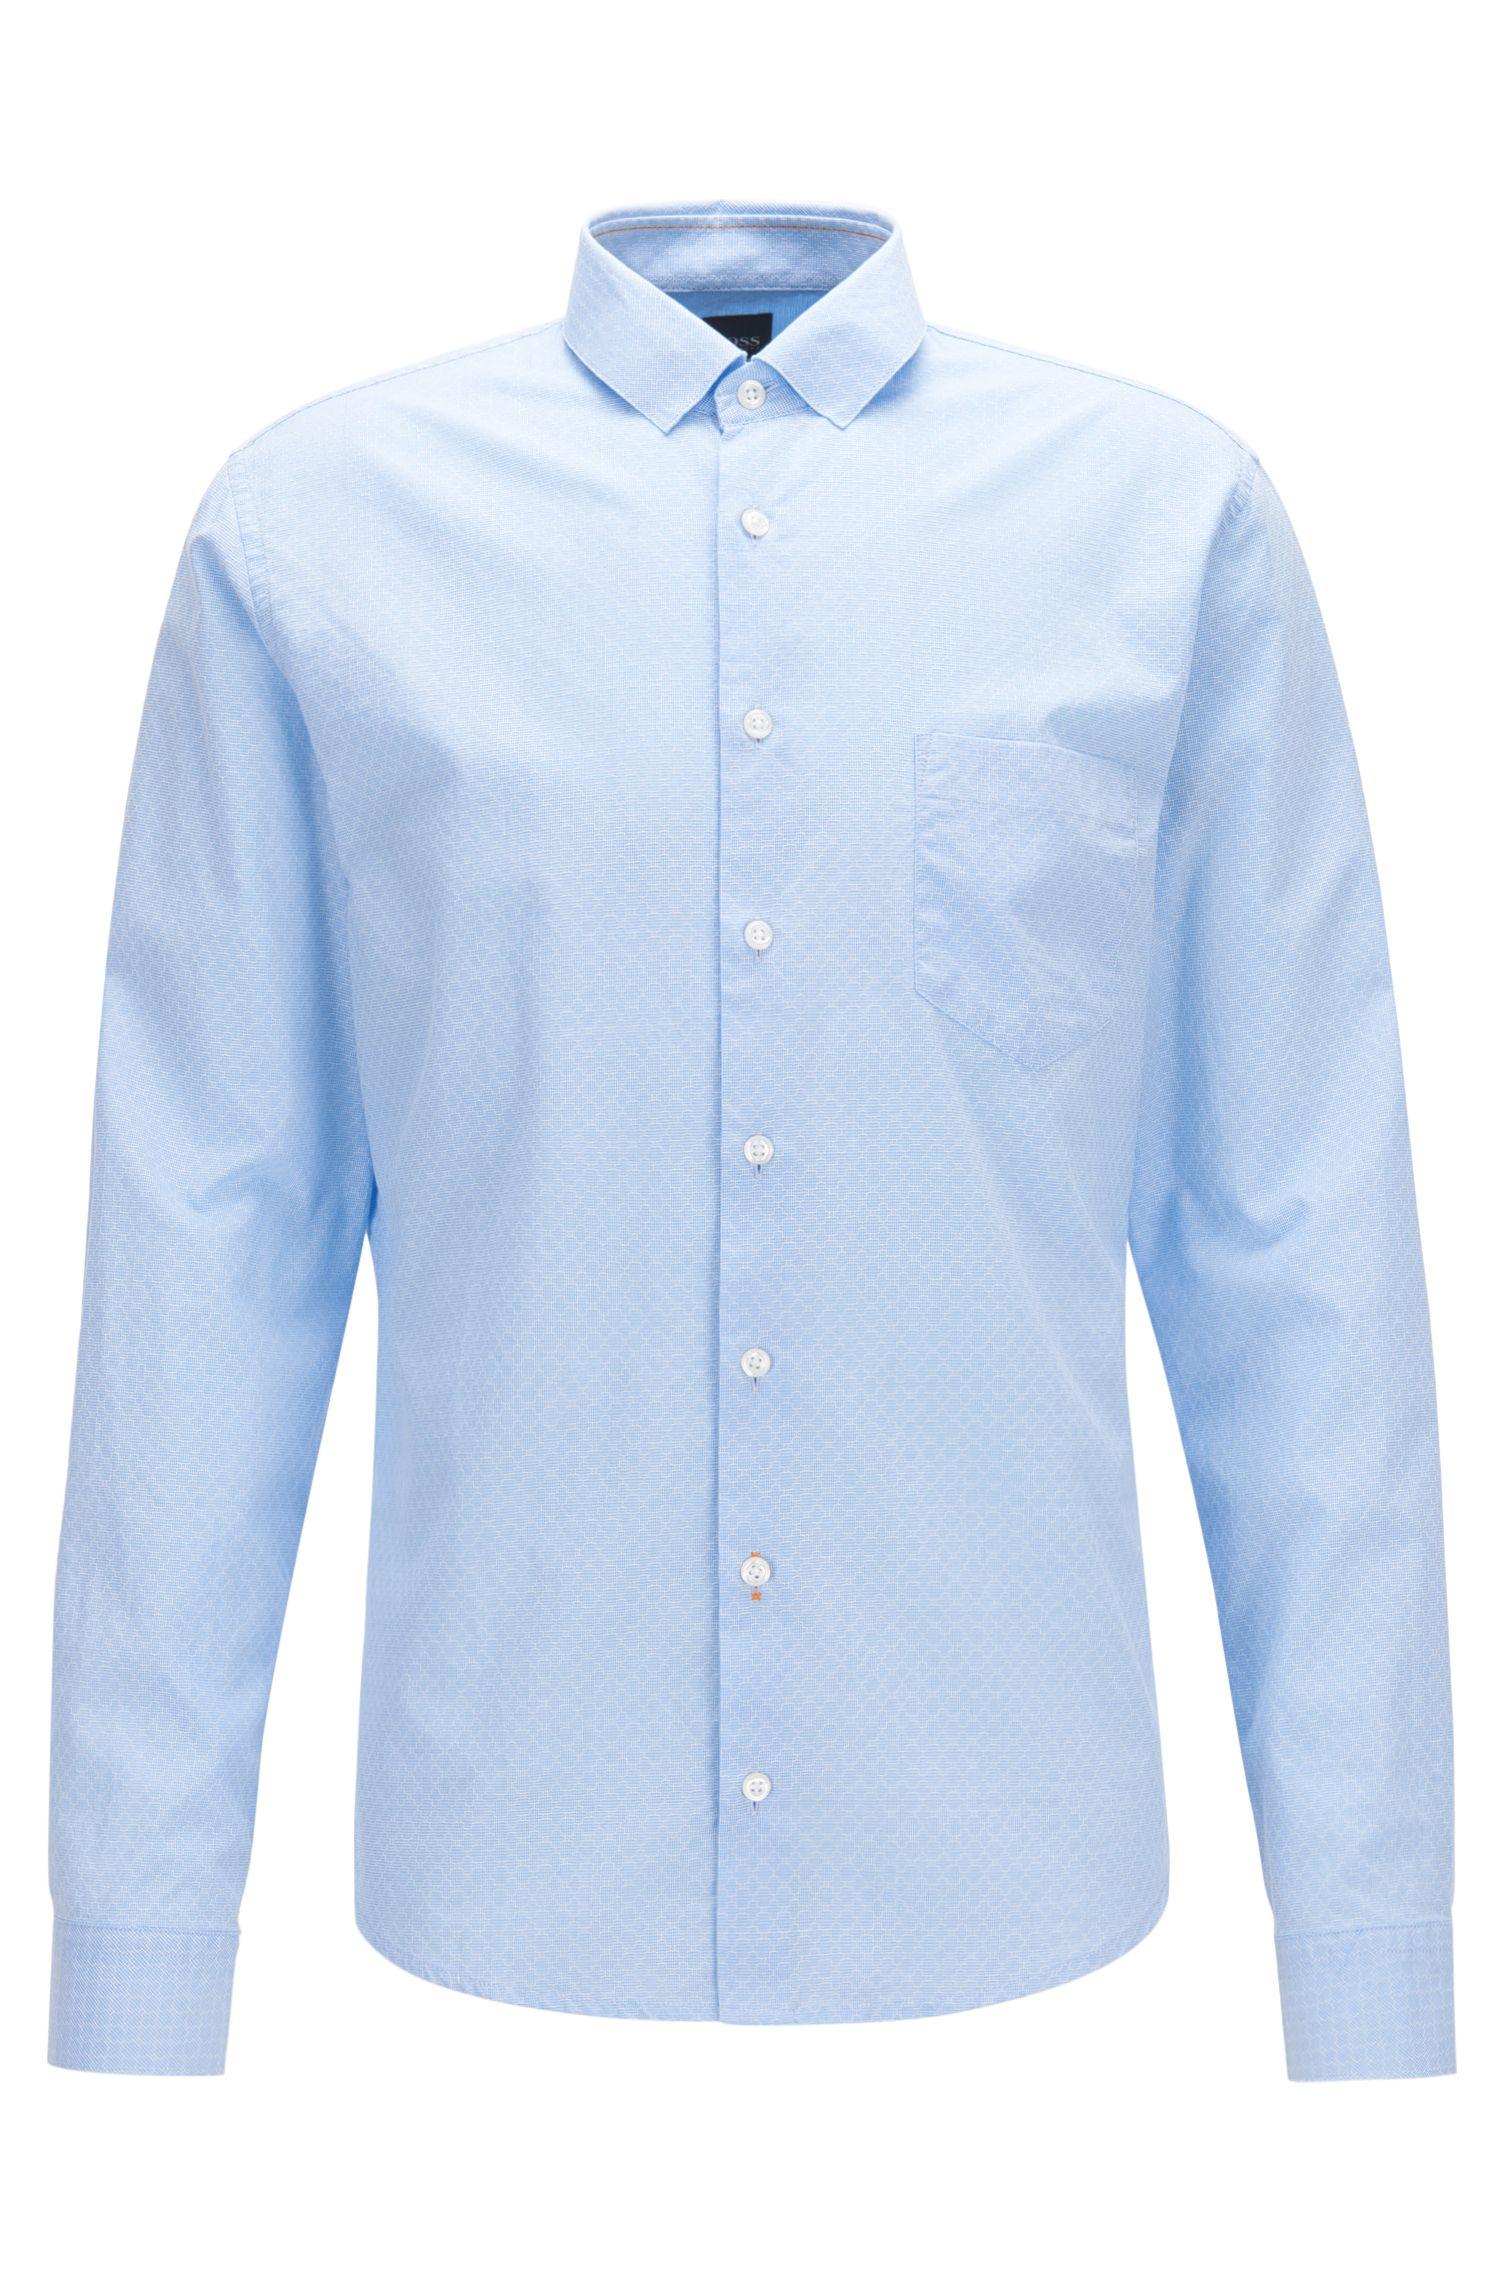 Camicia slim fit in cotone lavato con lavorazione dobby geometrica